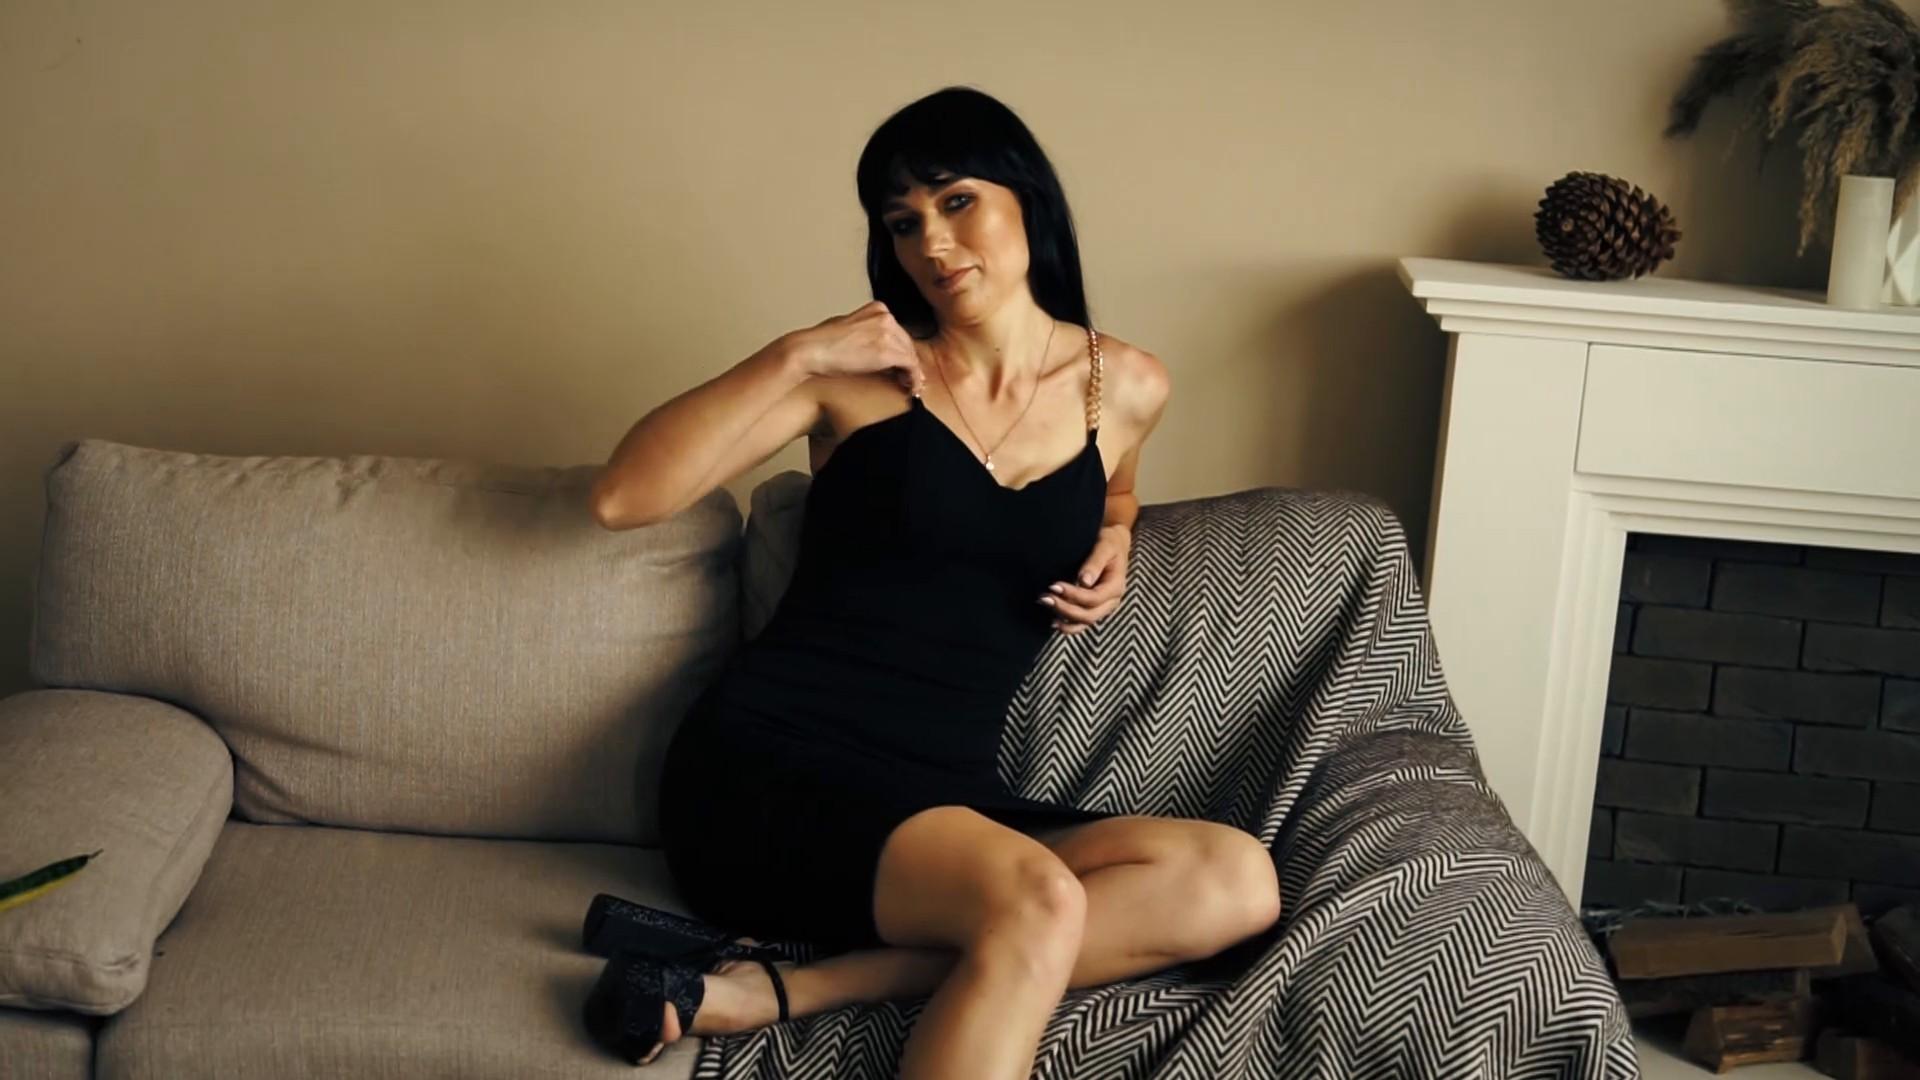 Elena Sumy 30 y.o. - intelligent lady - small public photo.